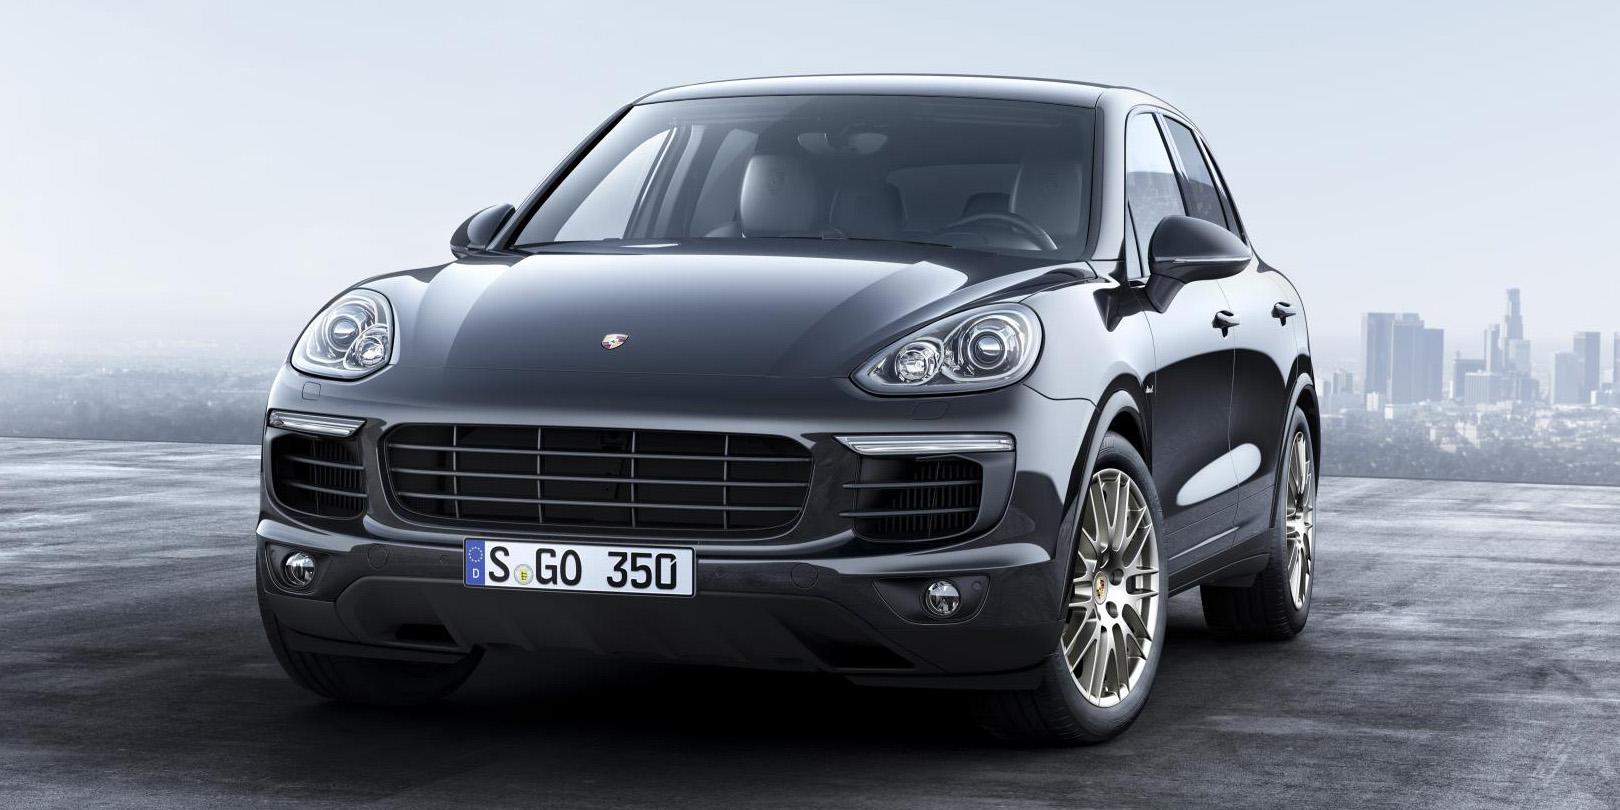 """Nueva edición especial """"Platinum Edition"""" para el Porsche Cayenne: A la conquista del segmento"""